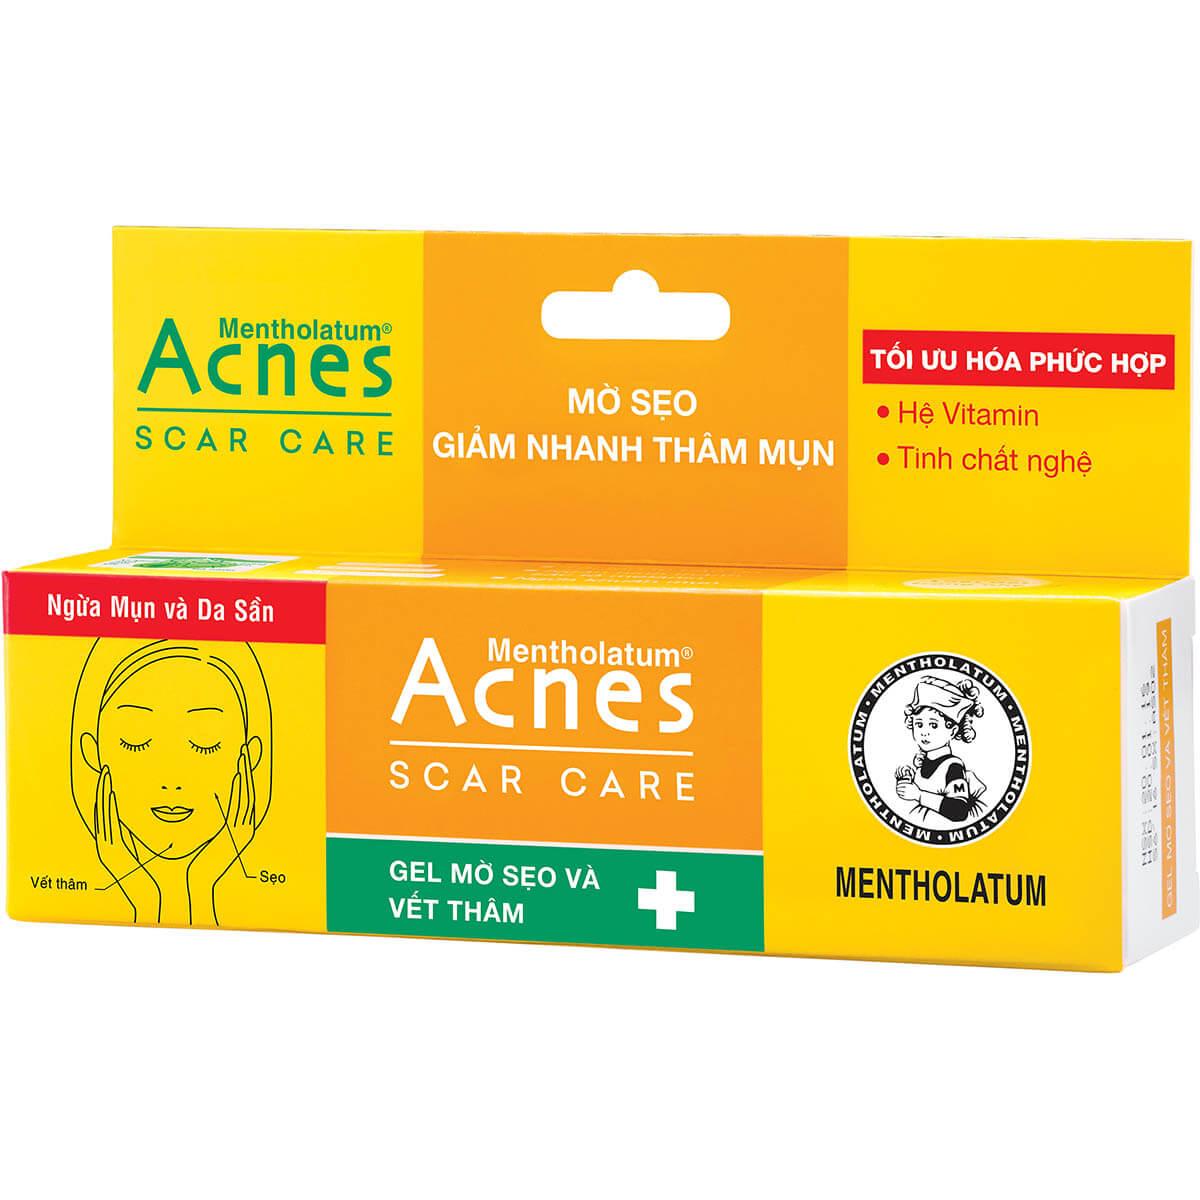 gel tri tham acnes scar care voi tinh chat nghe va cac loai vitamin giup tri seo va tham mun hieu qua